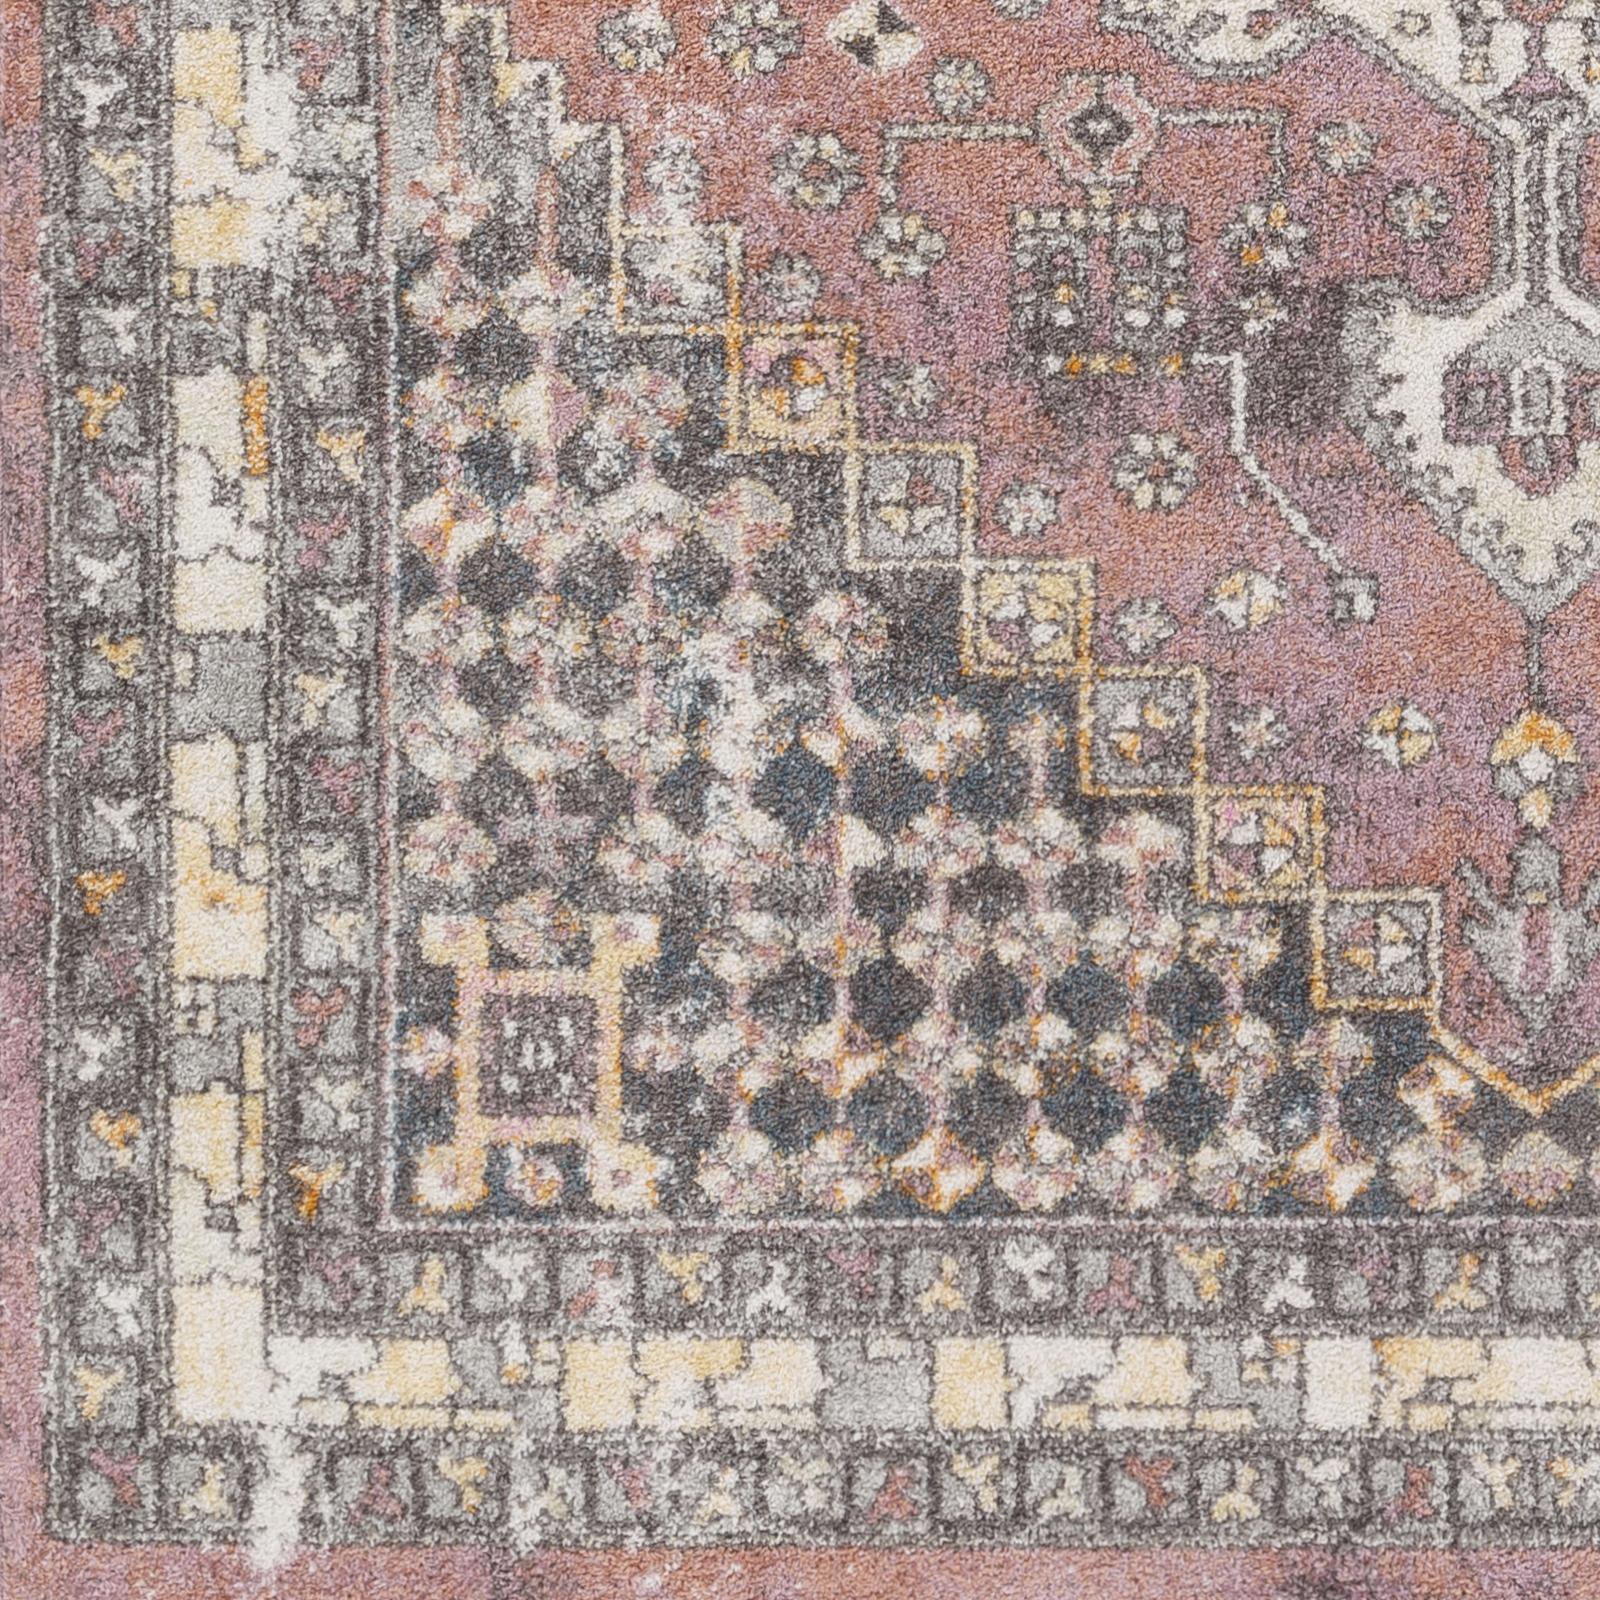 New Mexico - NWM-2302 - 2' x 3'